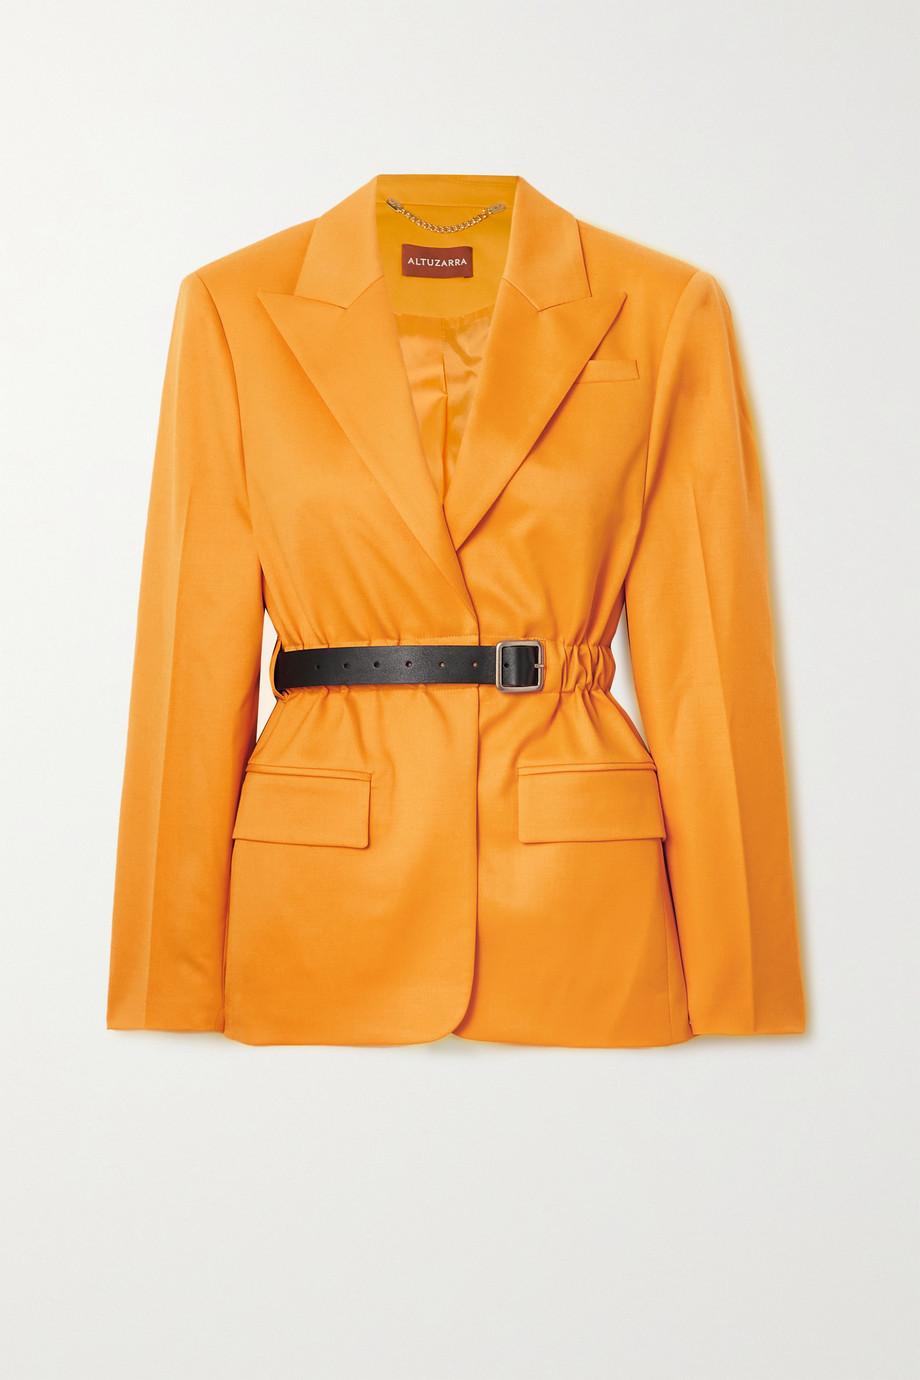 Altuzarra Lilium belted wool-blend twill blazer